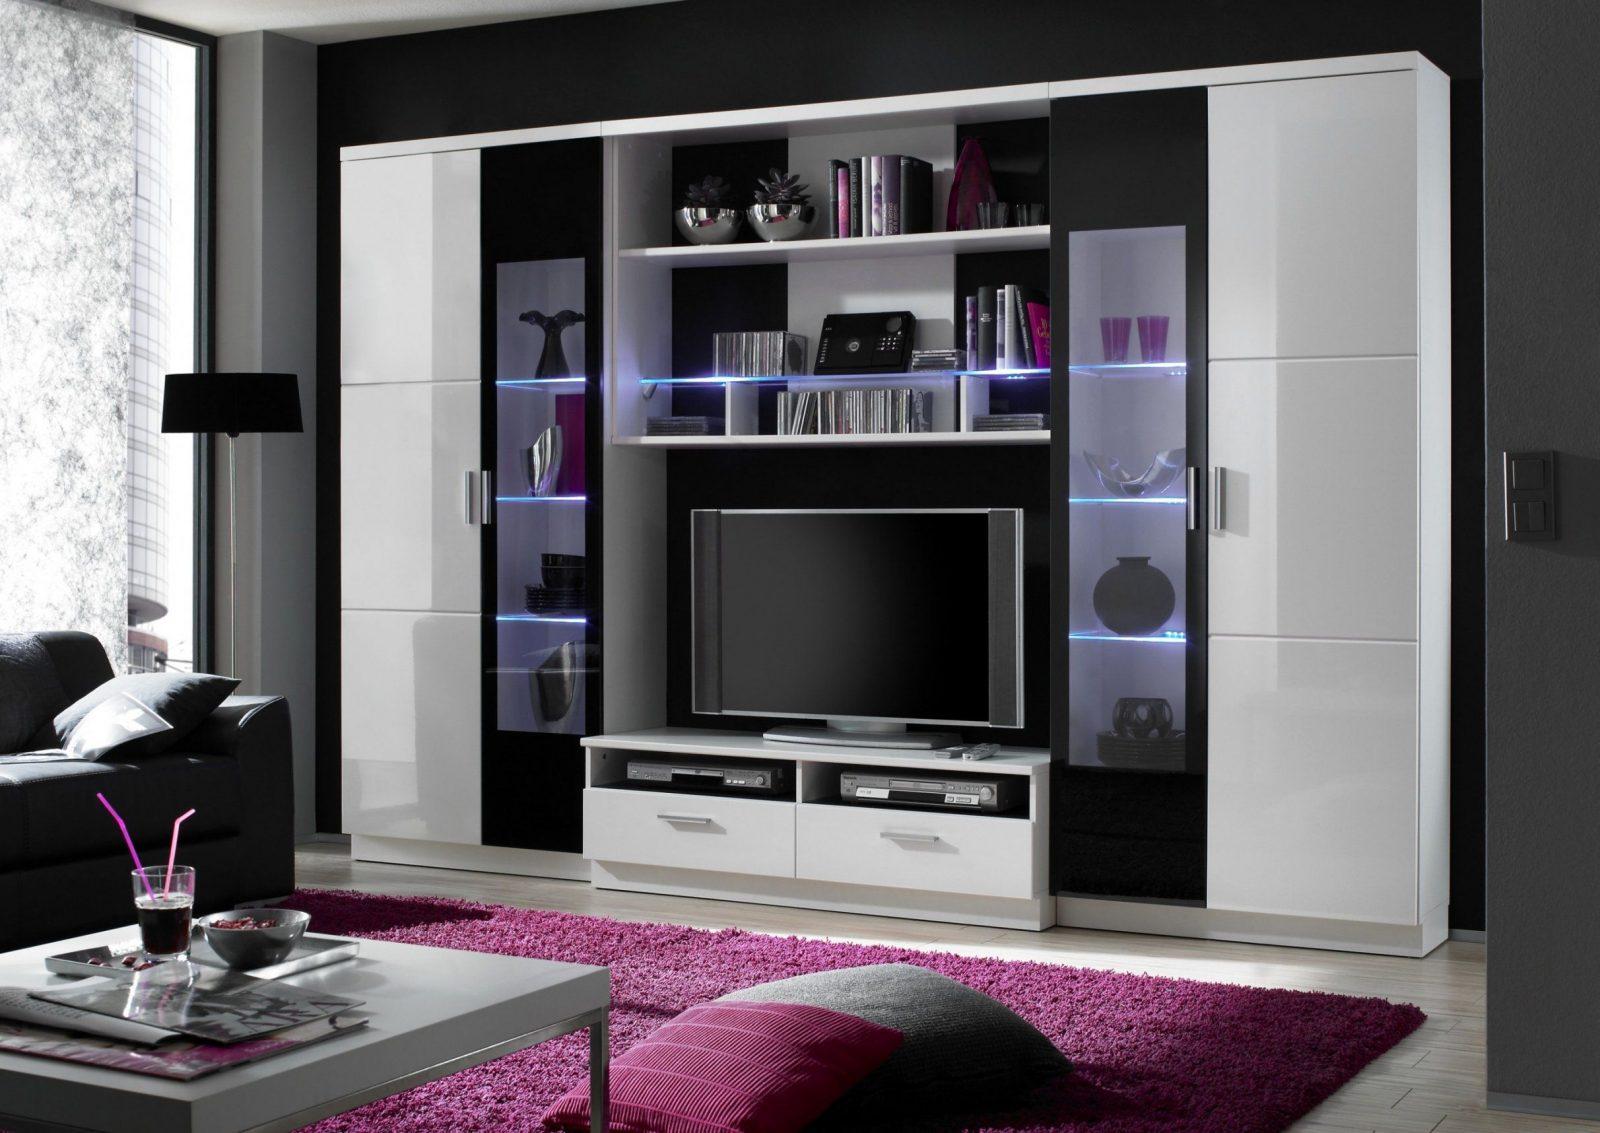 Tolle Wohnwand Weiß Schwarz Hochglanz Zum Wohnwände Hochglanz von Wohnwand Hochglanz Weiß Schwarz Bild